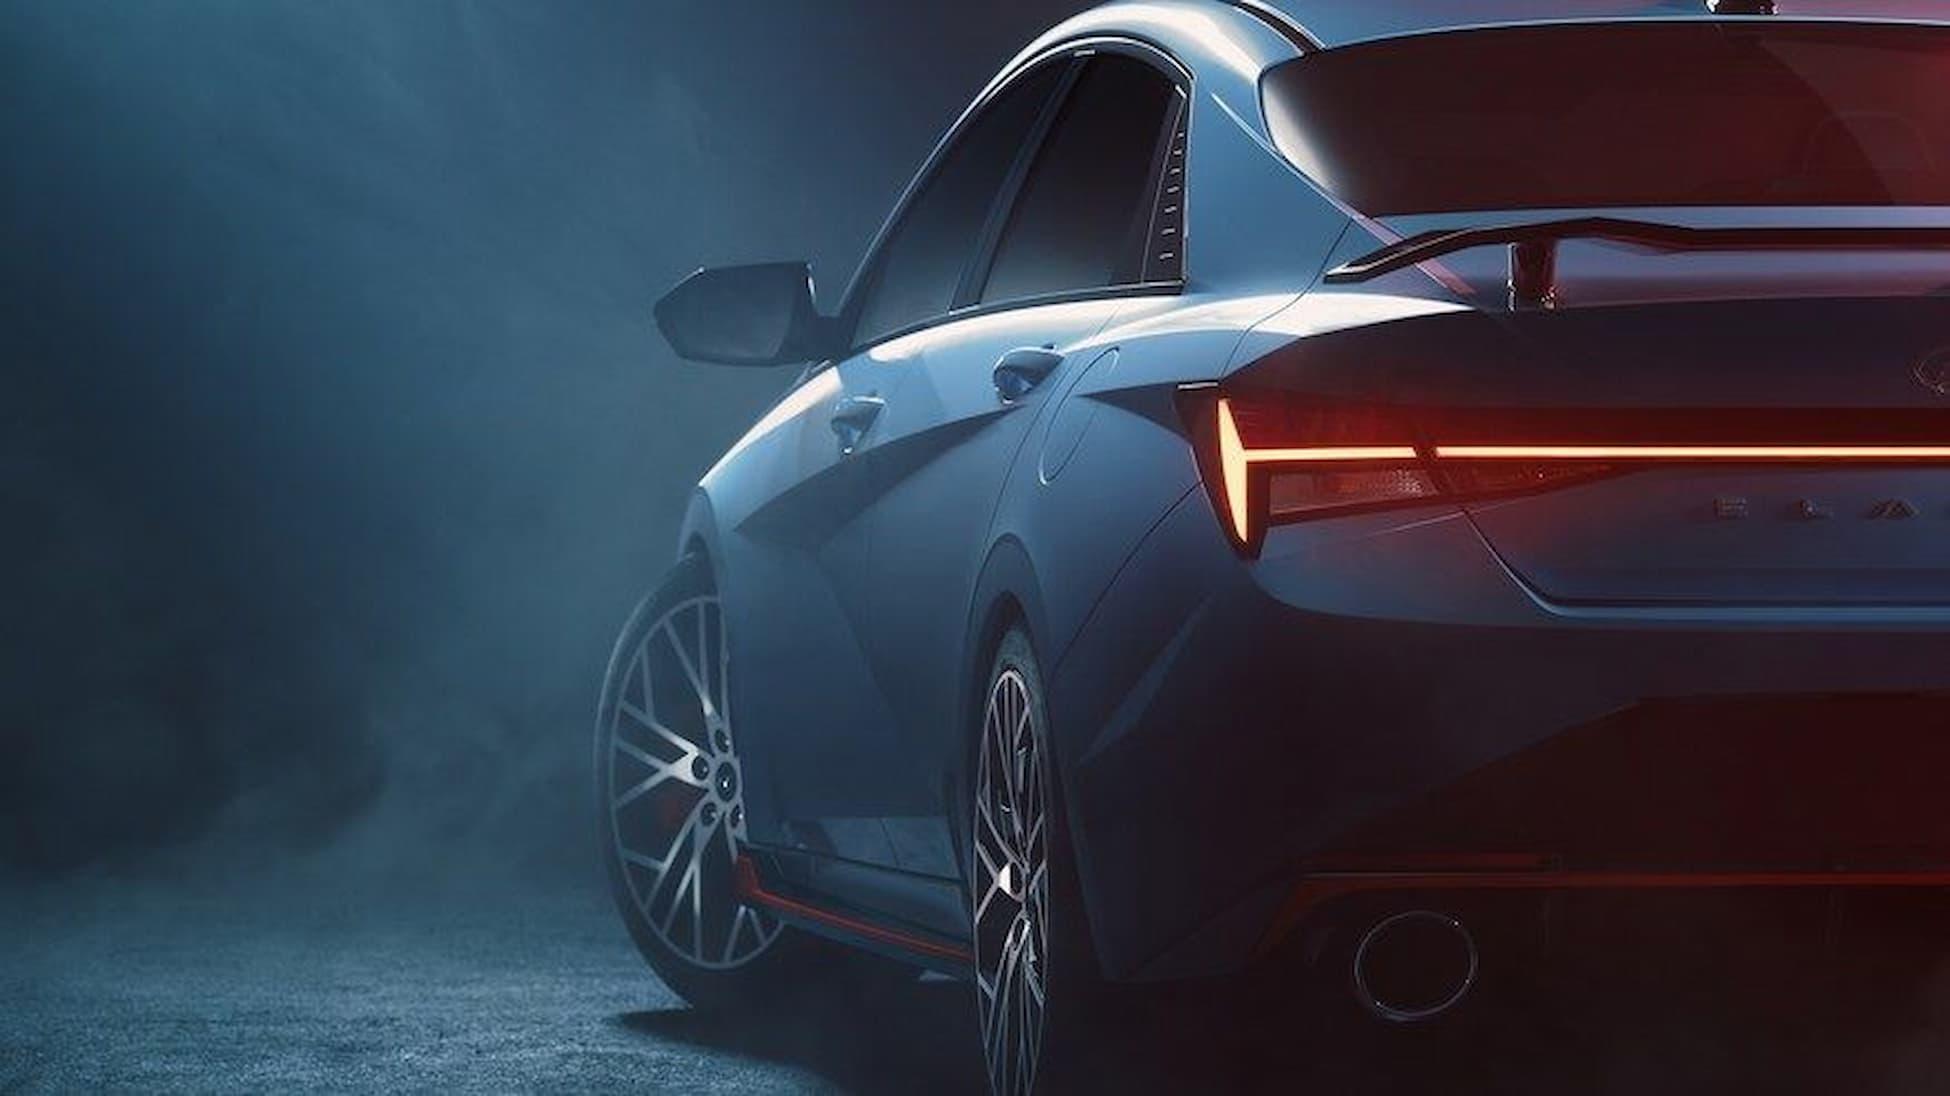 2022 Hyundai Elantra N 2 1